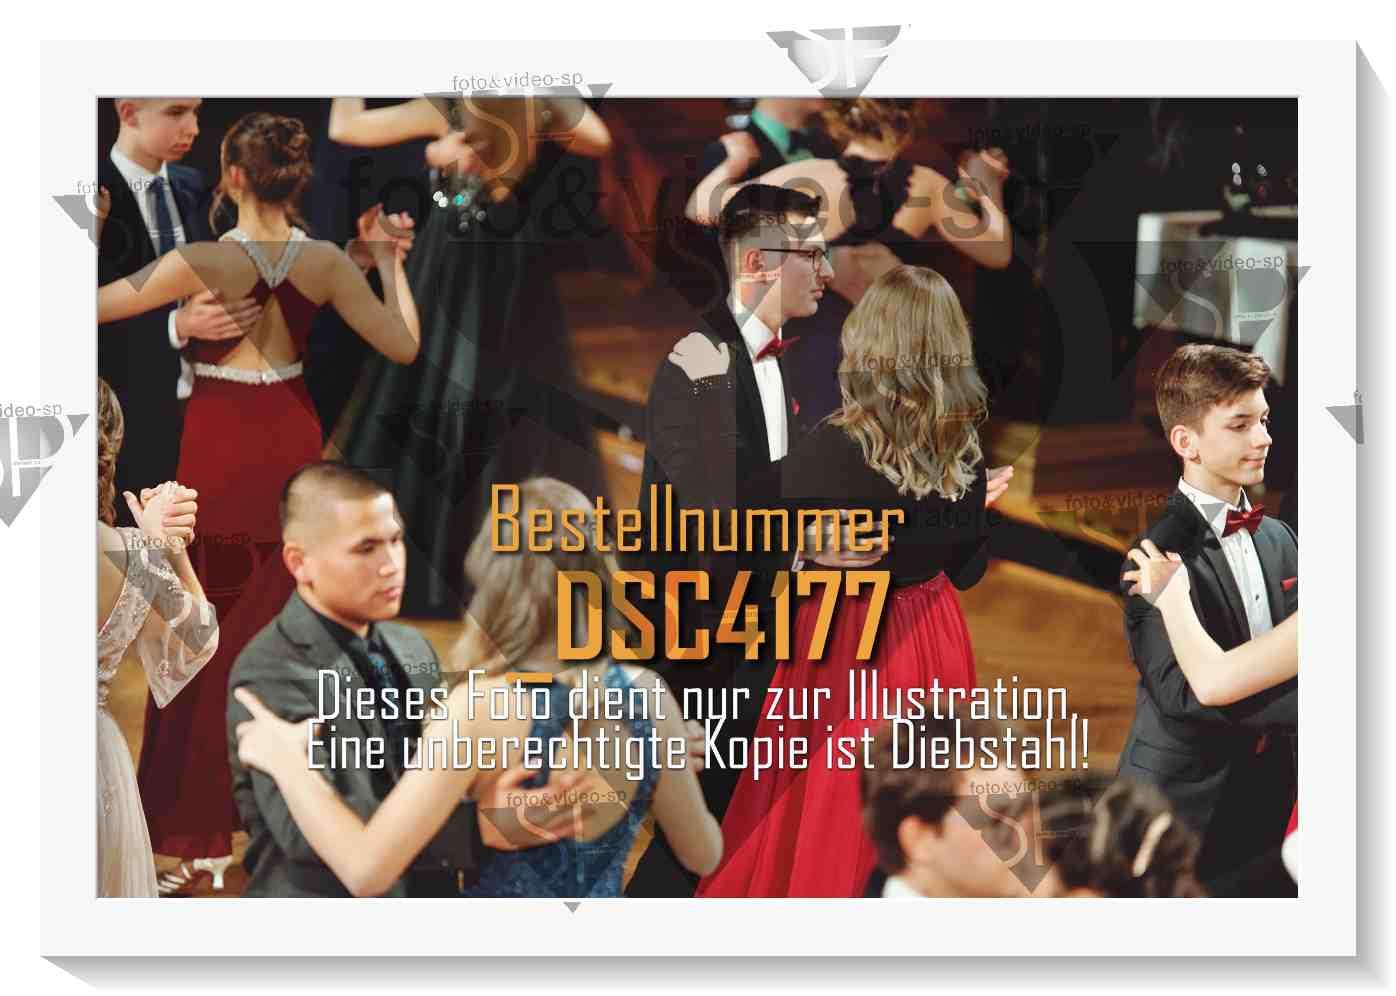 DSC4177